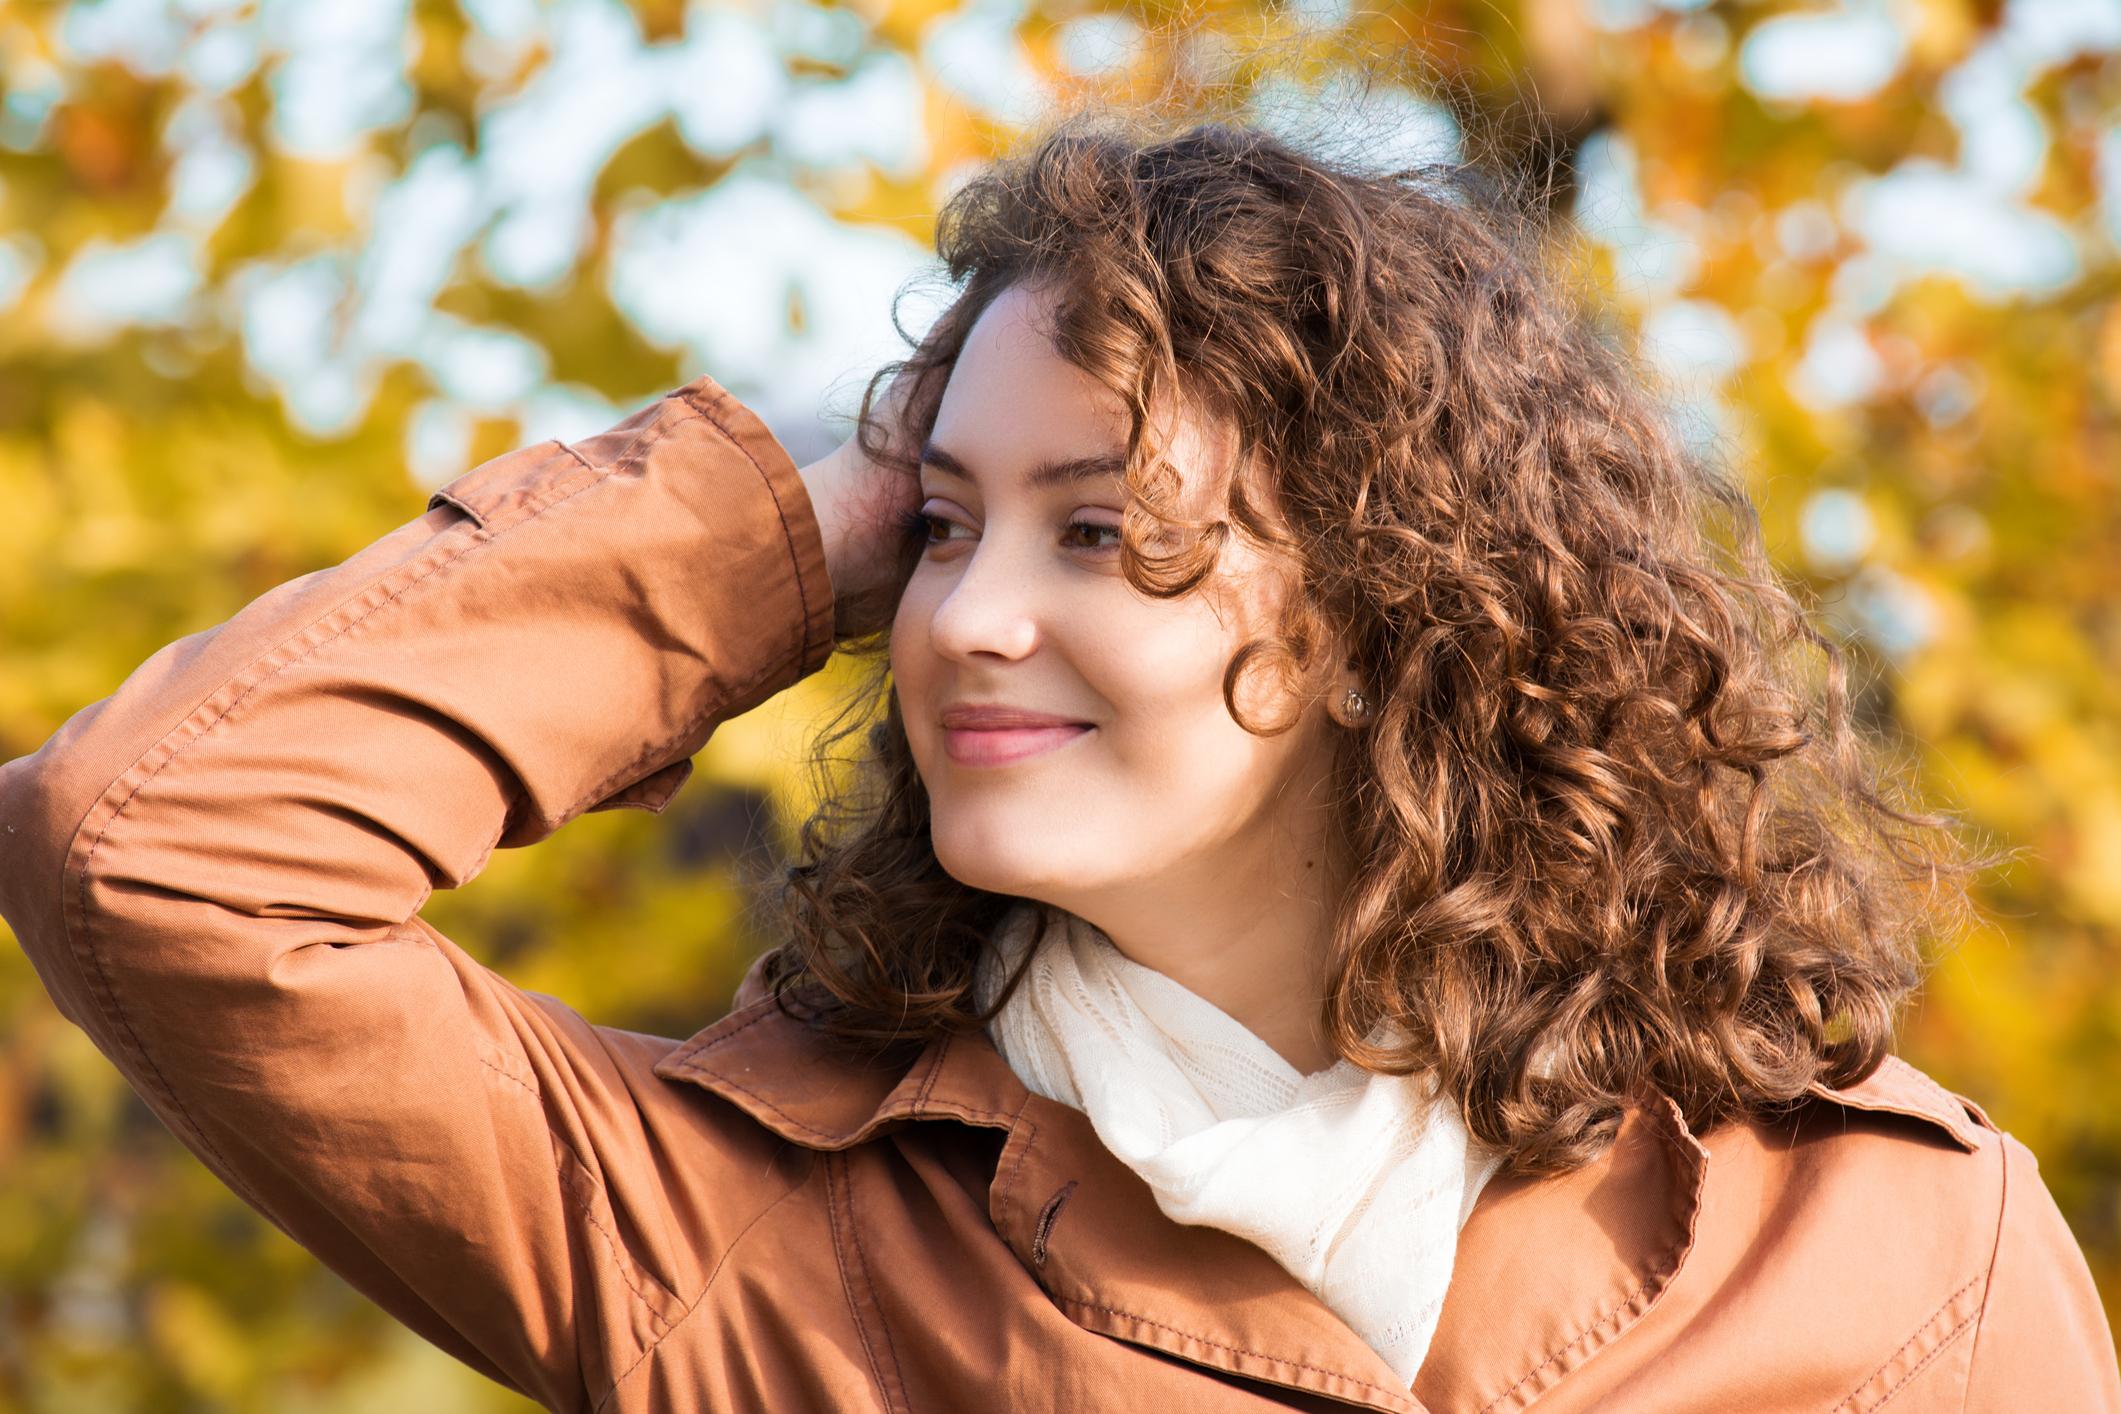 Galeria dos cabelos com luzes: fotos, ideias e as melhores dicas para apostar no estilo!